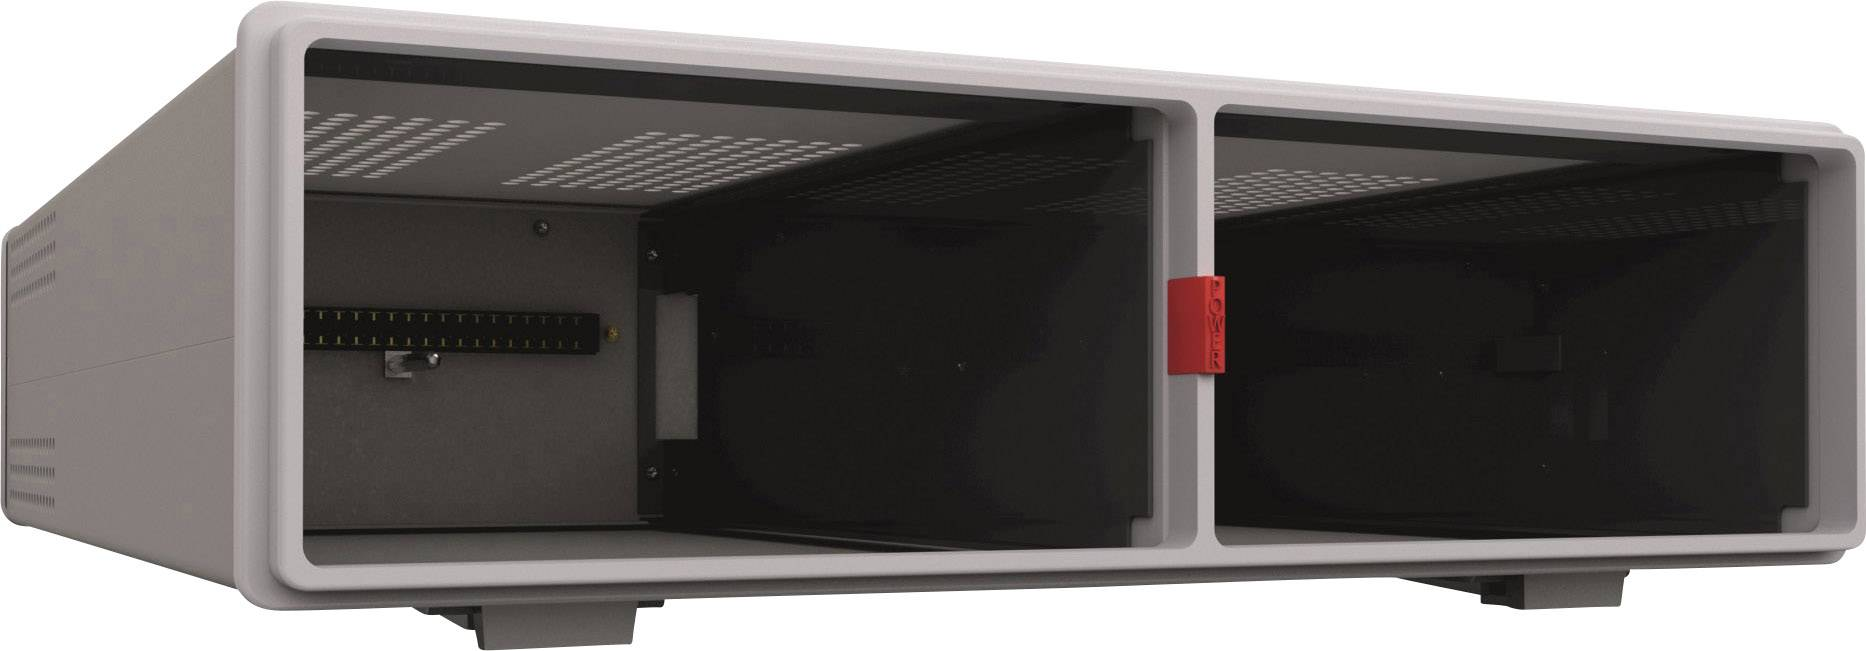 Základní přístroj Hameg HM 8001-2